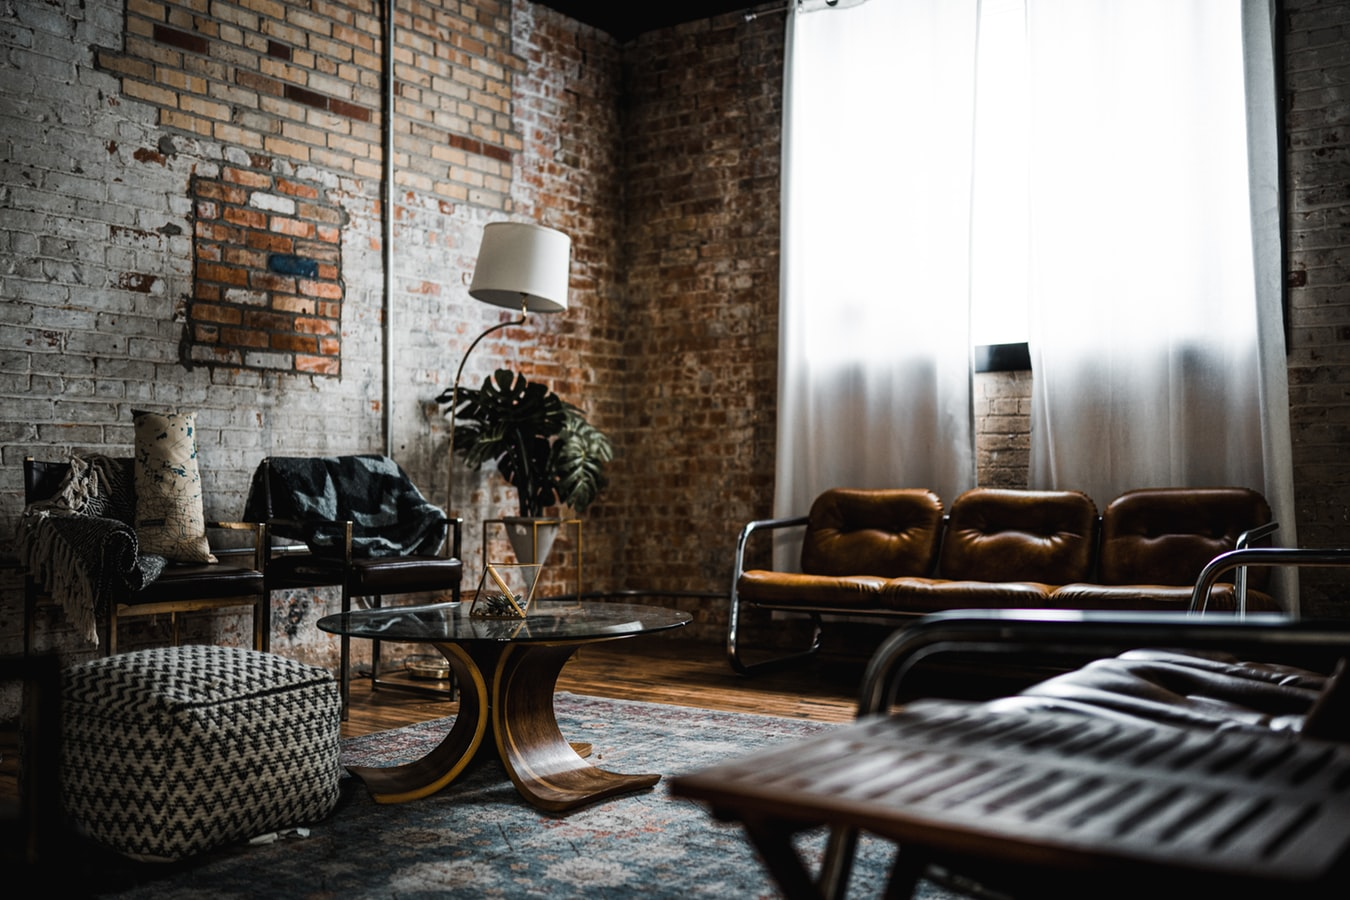 Acheter des meubles d'occasion dans une brocante en ligne